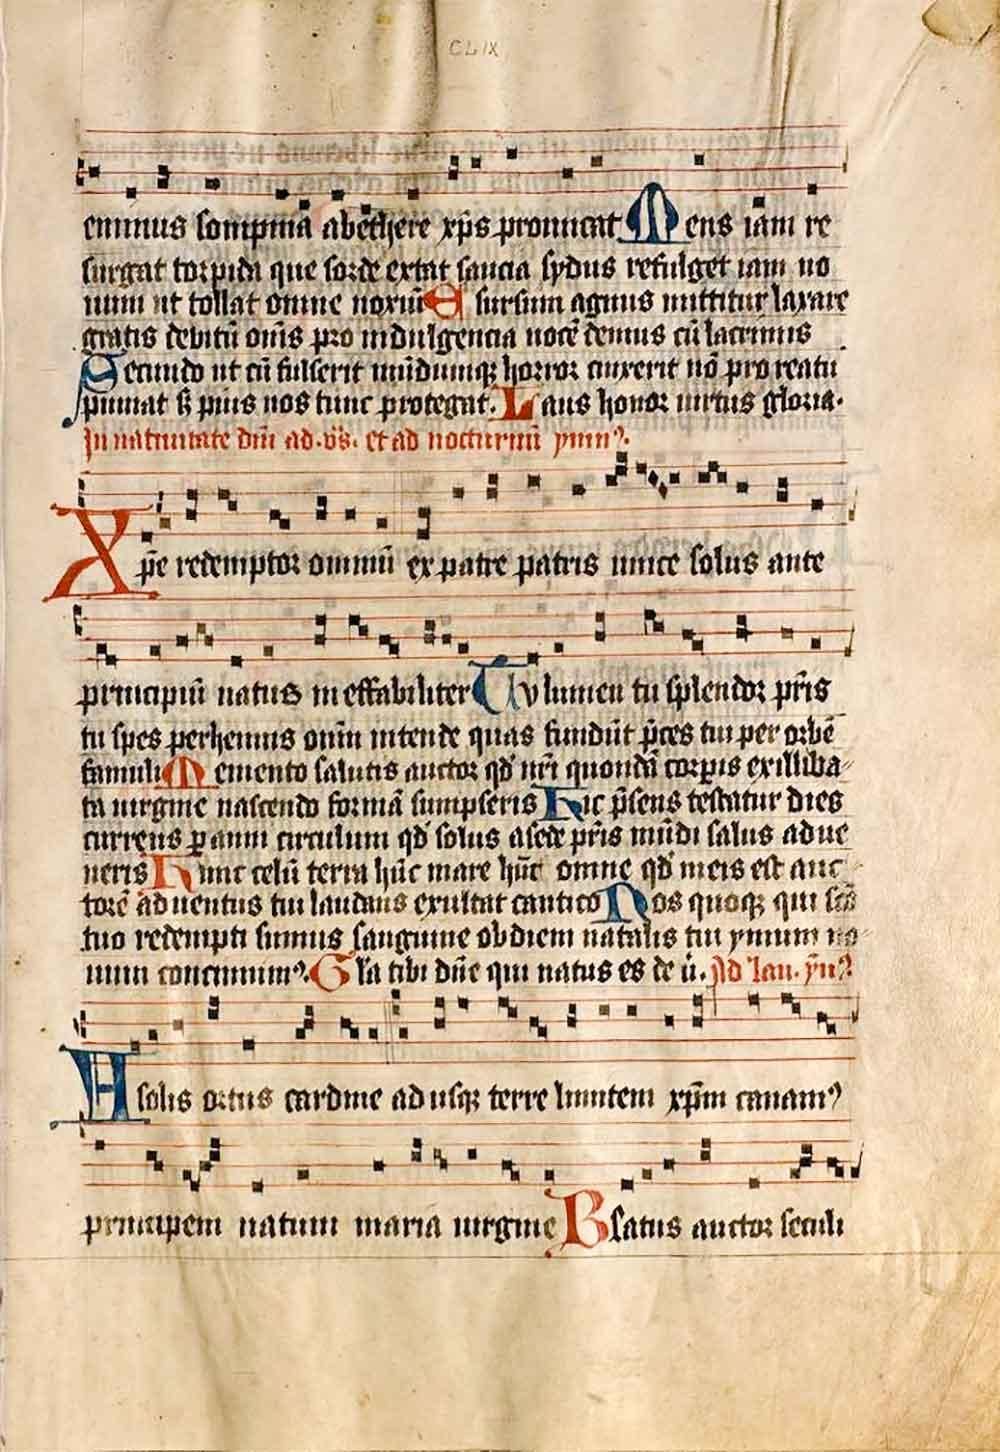 Eine Innenseite mit Notation des »Psalterium Moguntinum«, gedruckt auf Pergament unter Verwendung von Rotdruck sowie vielen roten und blauen Initialen. Erschienen 1457 bei der Fust-Schöffer´schen Offizin. Quelle: Universitäts- und Landesbibliothek Darmstadt. Online verfügbar unter http://tudigit.ulb.tu-darmstadt.de/show/inc-v-7/0001/thumbs?sid=813b543f518dae9080247ce11d61aa64#current_page